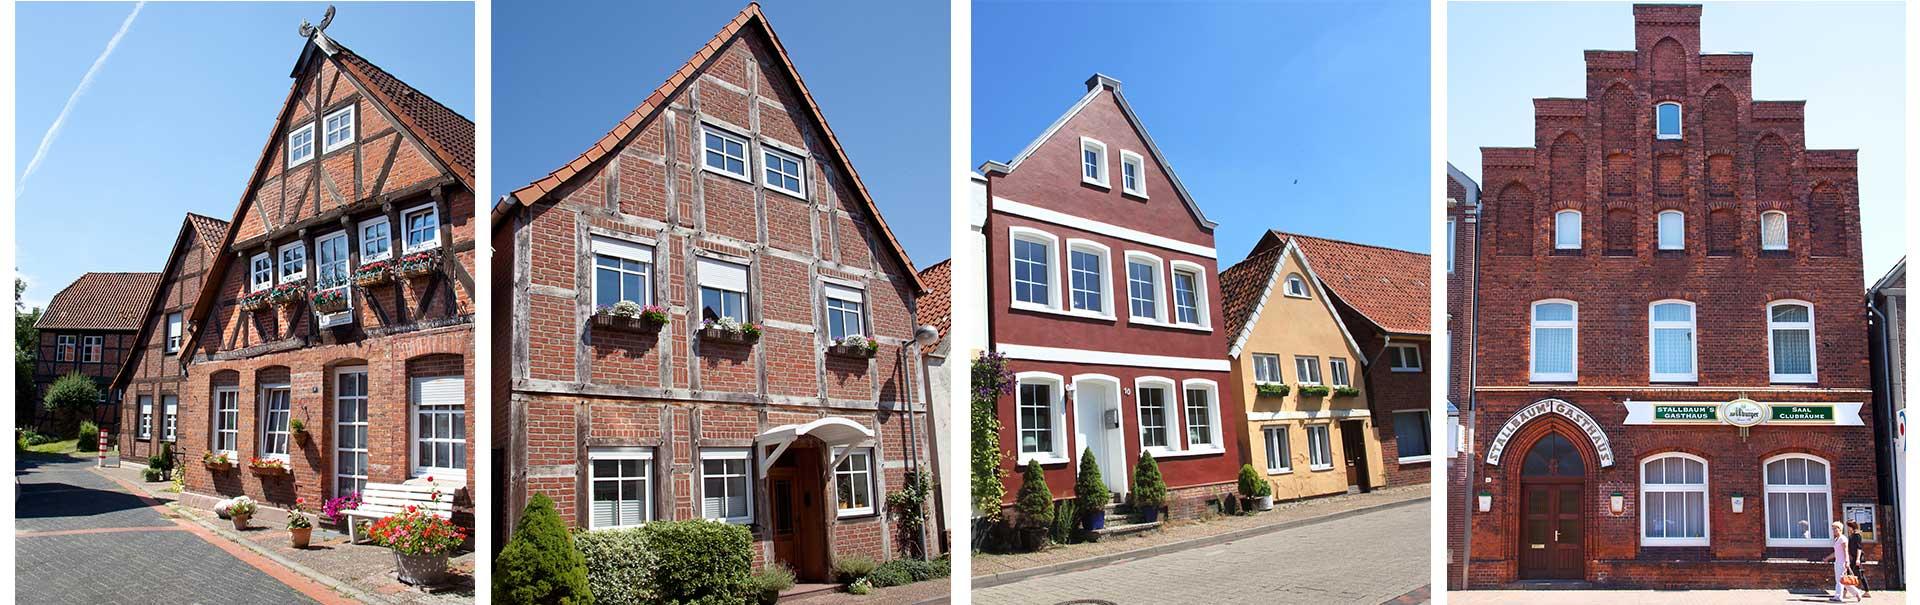 Collage 3 - Häuser